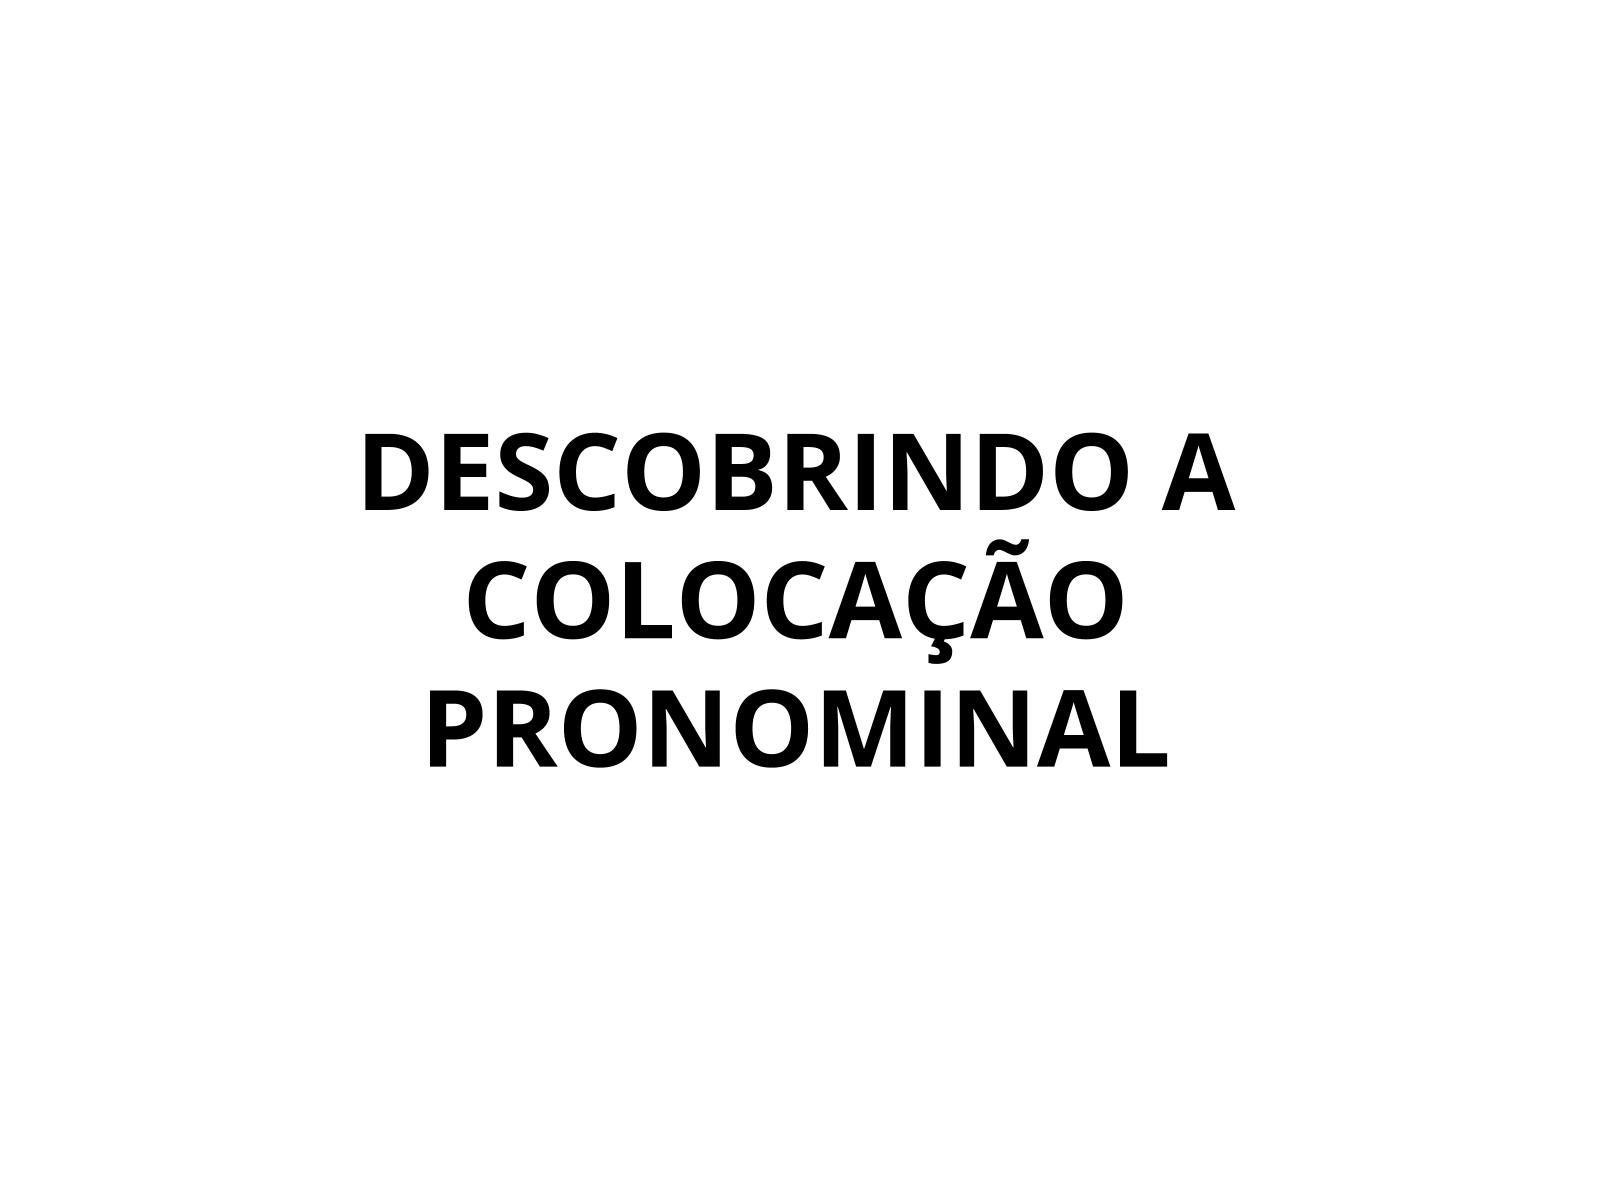 Descobrindo o pronome oblíquo  - Próclise e ênclise